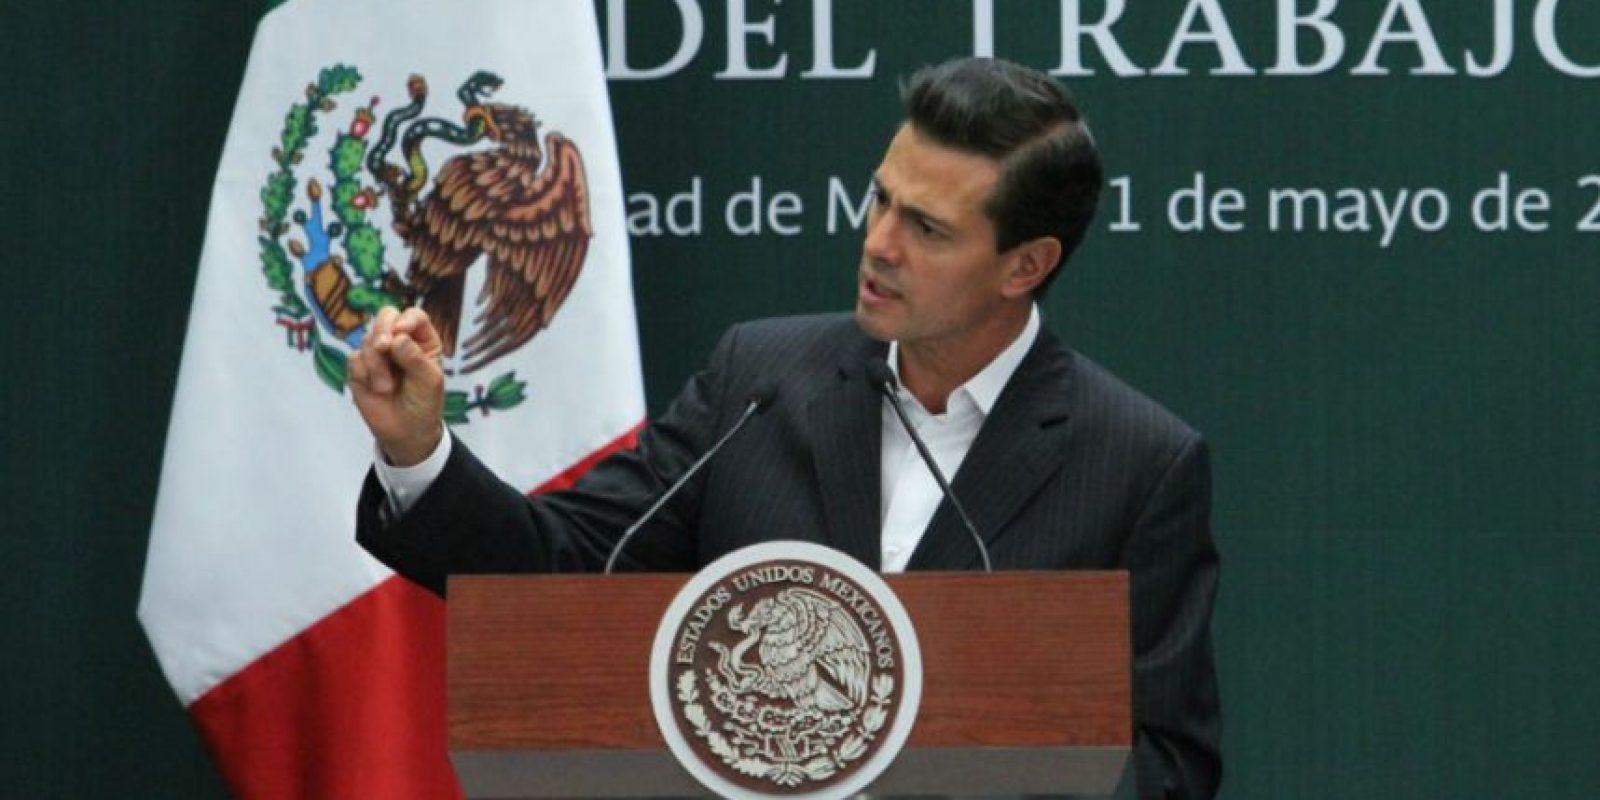 Peña Nieto habló de la iniciativa de reforma en materia de justicia laboral que envió el 28 de abril pasado. Foto:Notimex